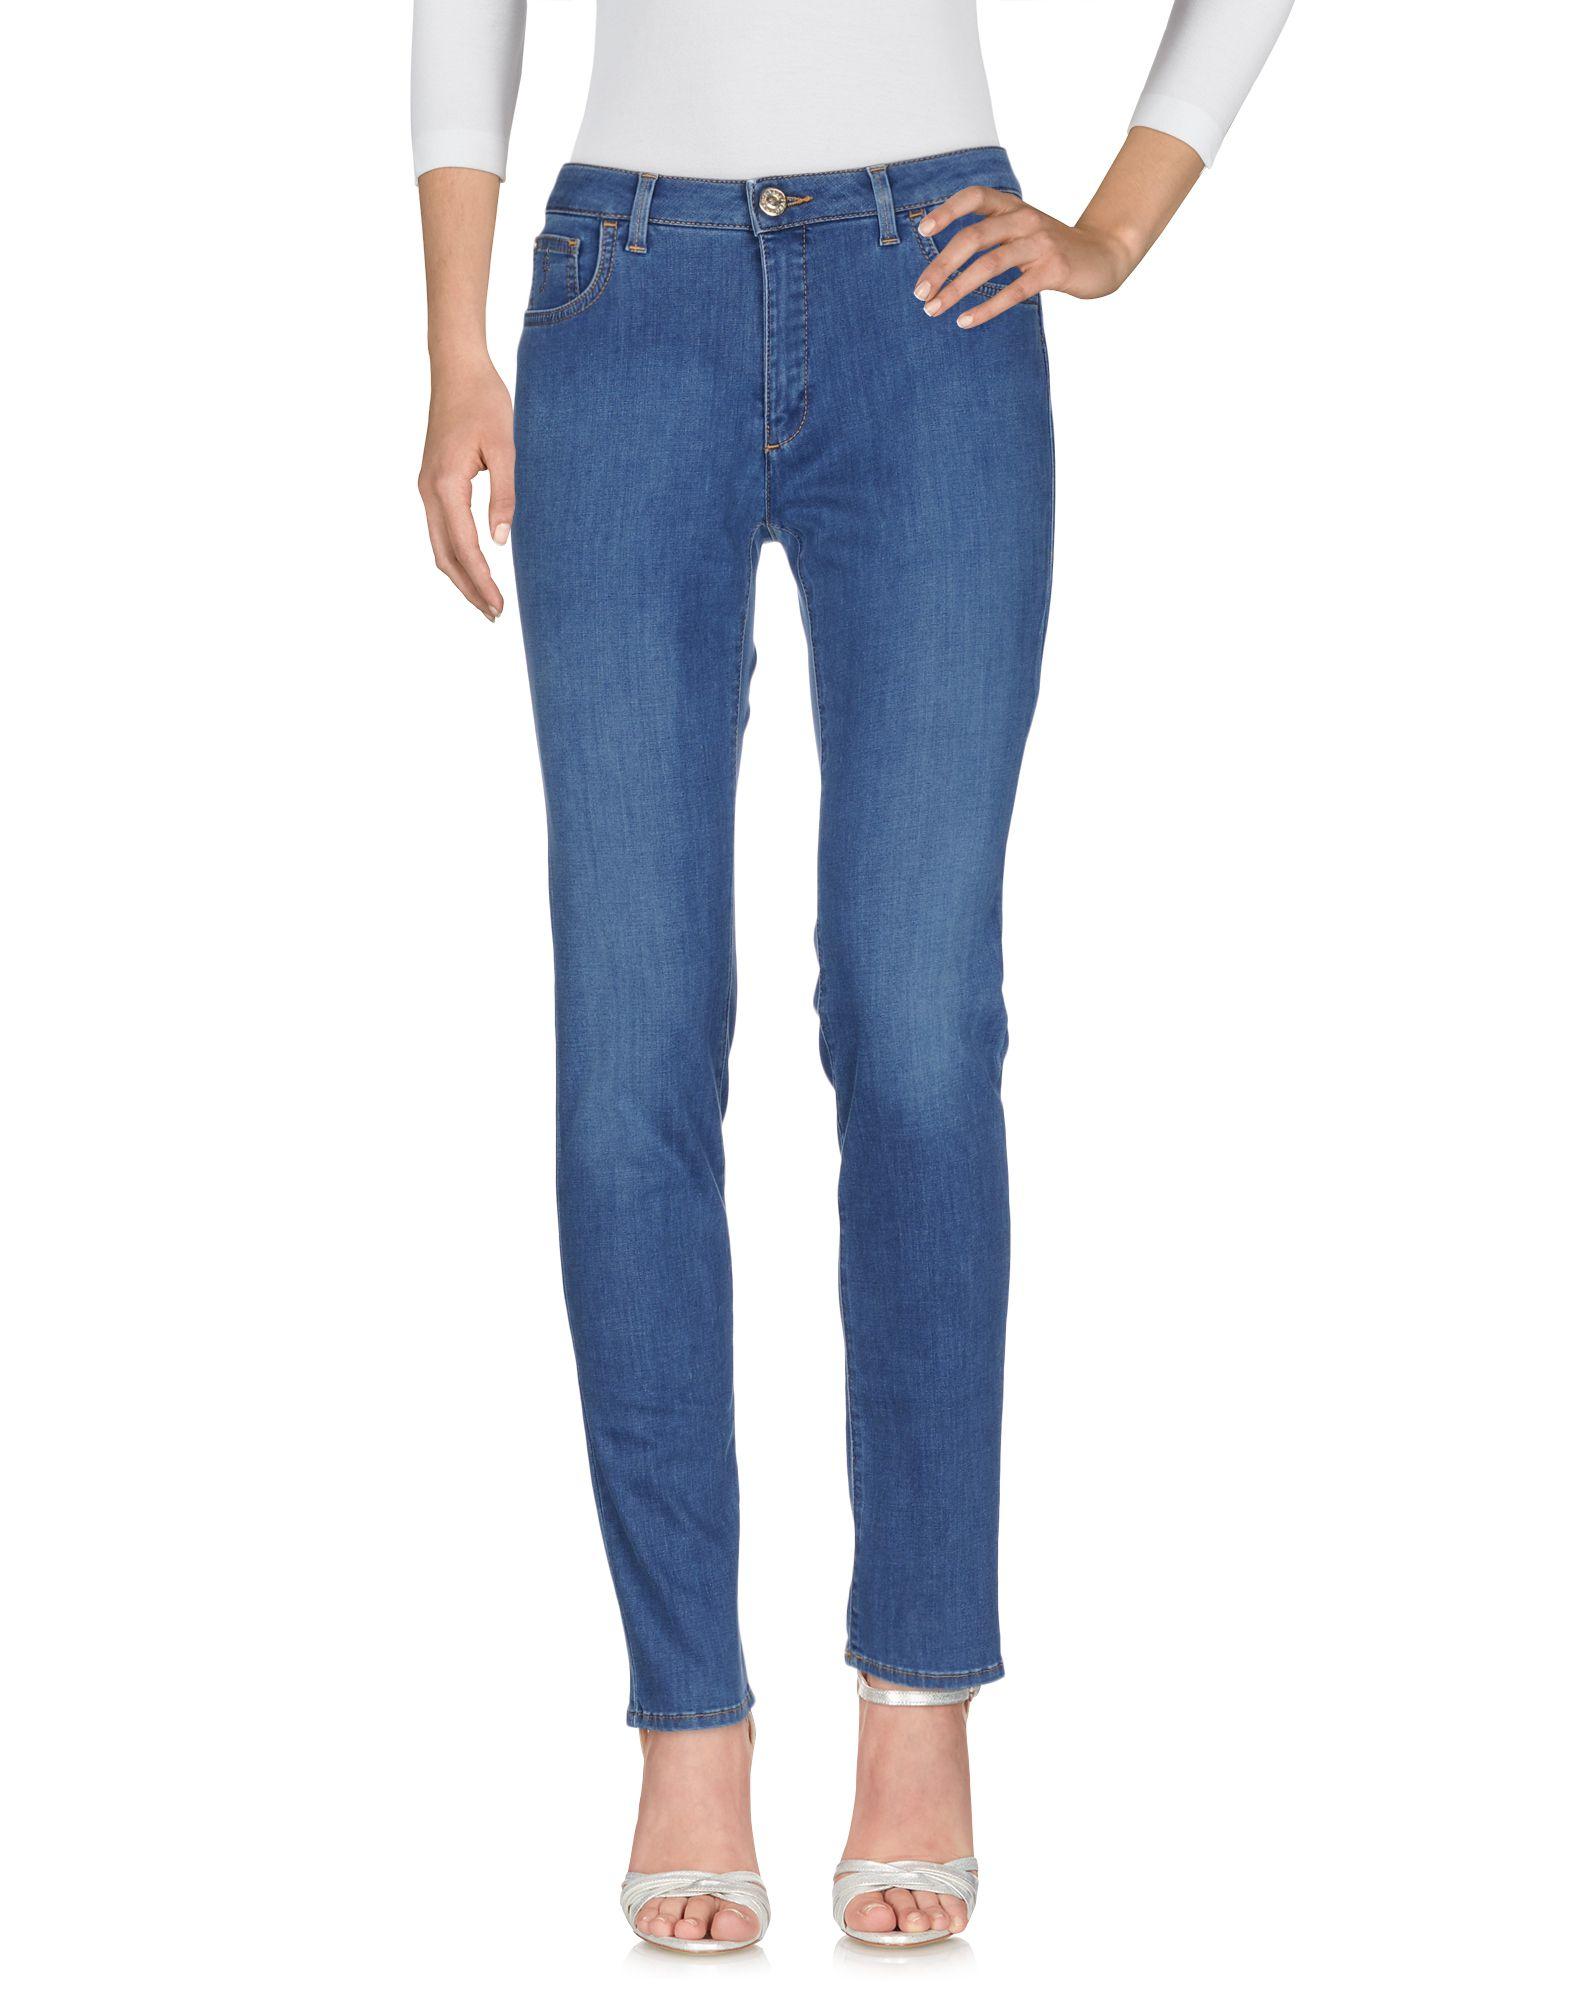 TRU TRUSSARDI Джинсовые брюки dismero джинсовые брюки